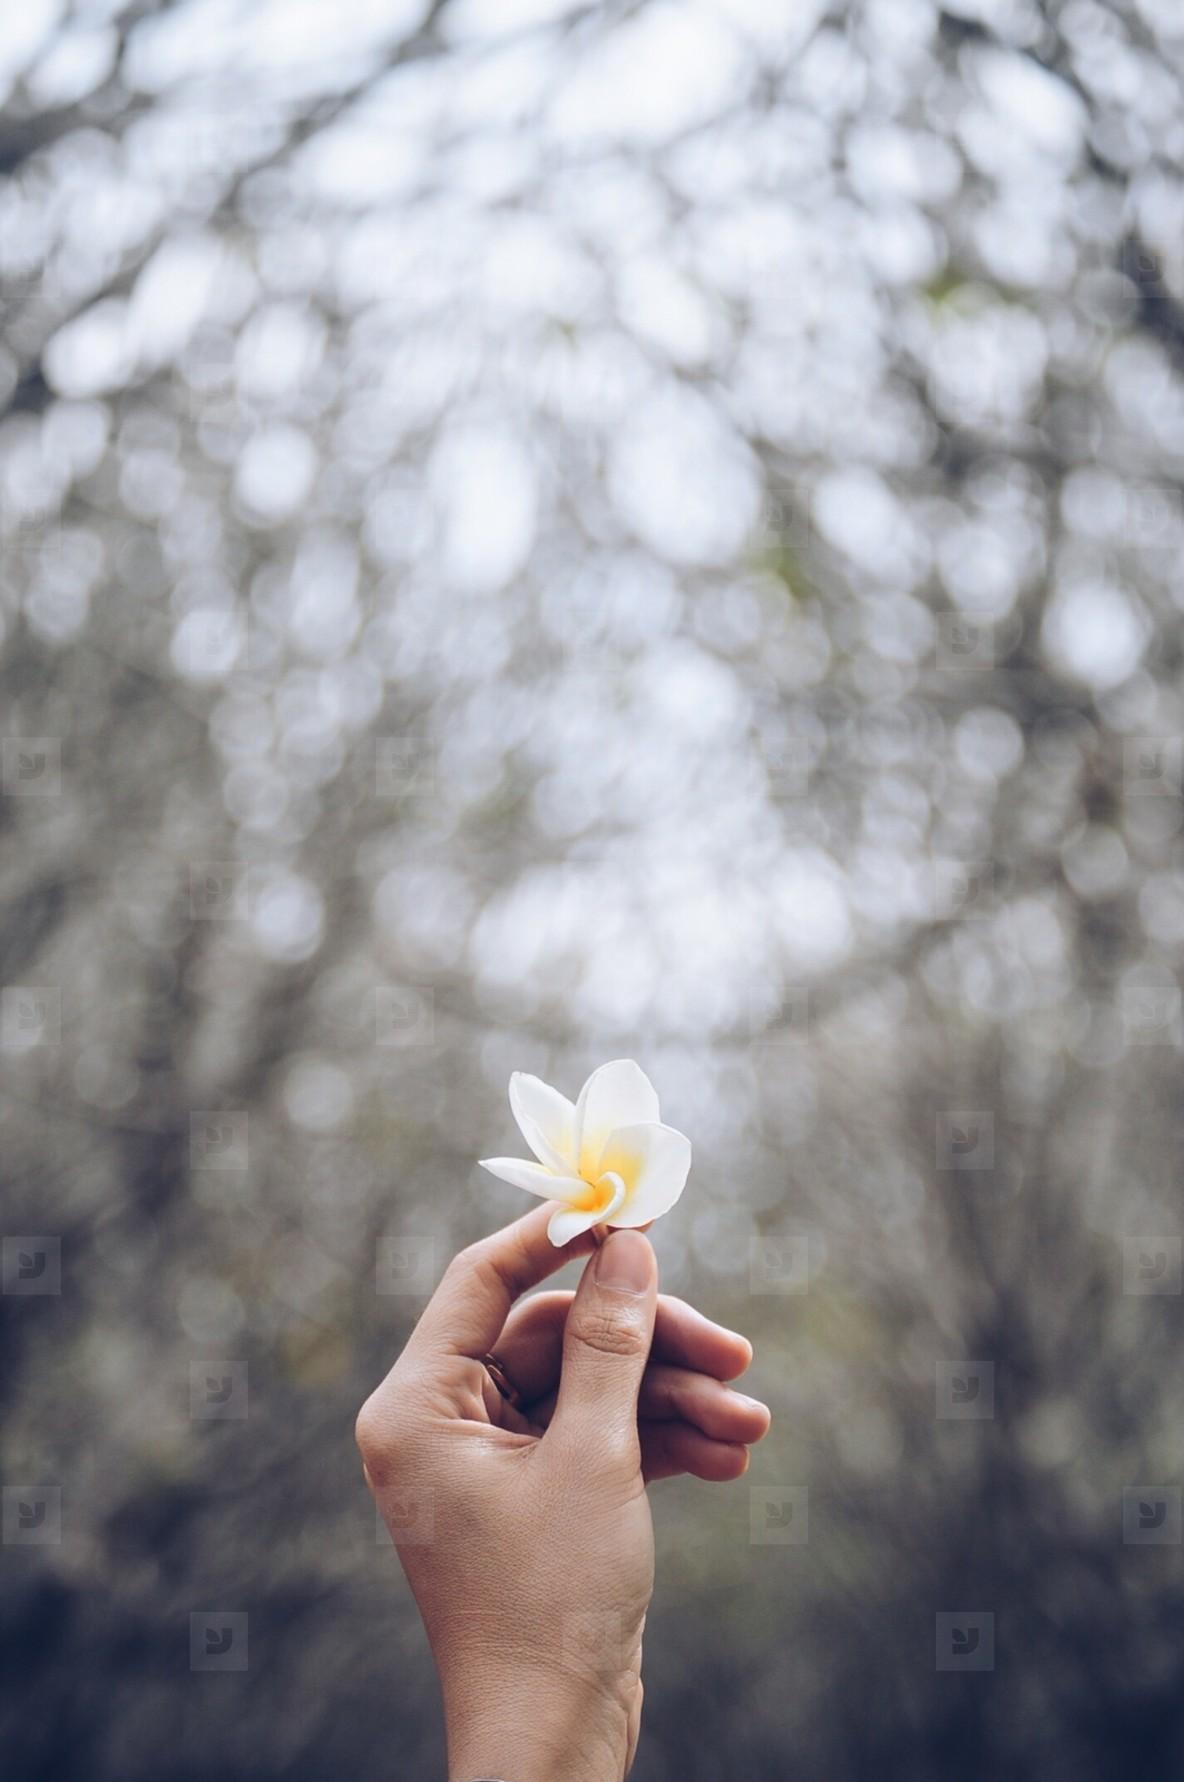 Plumeria flower in hold hand